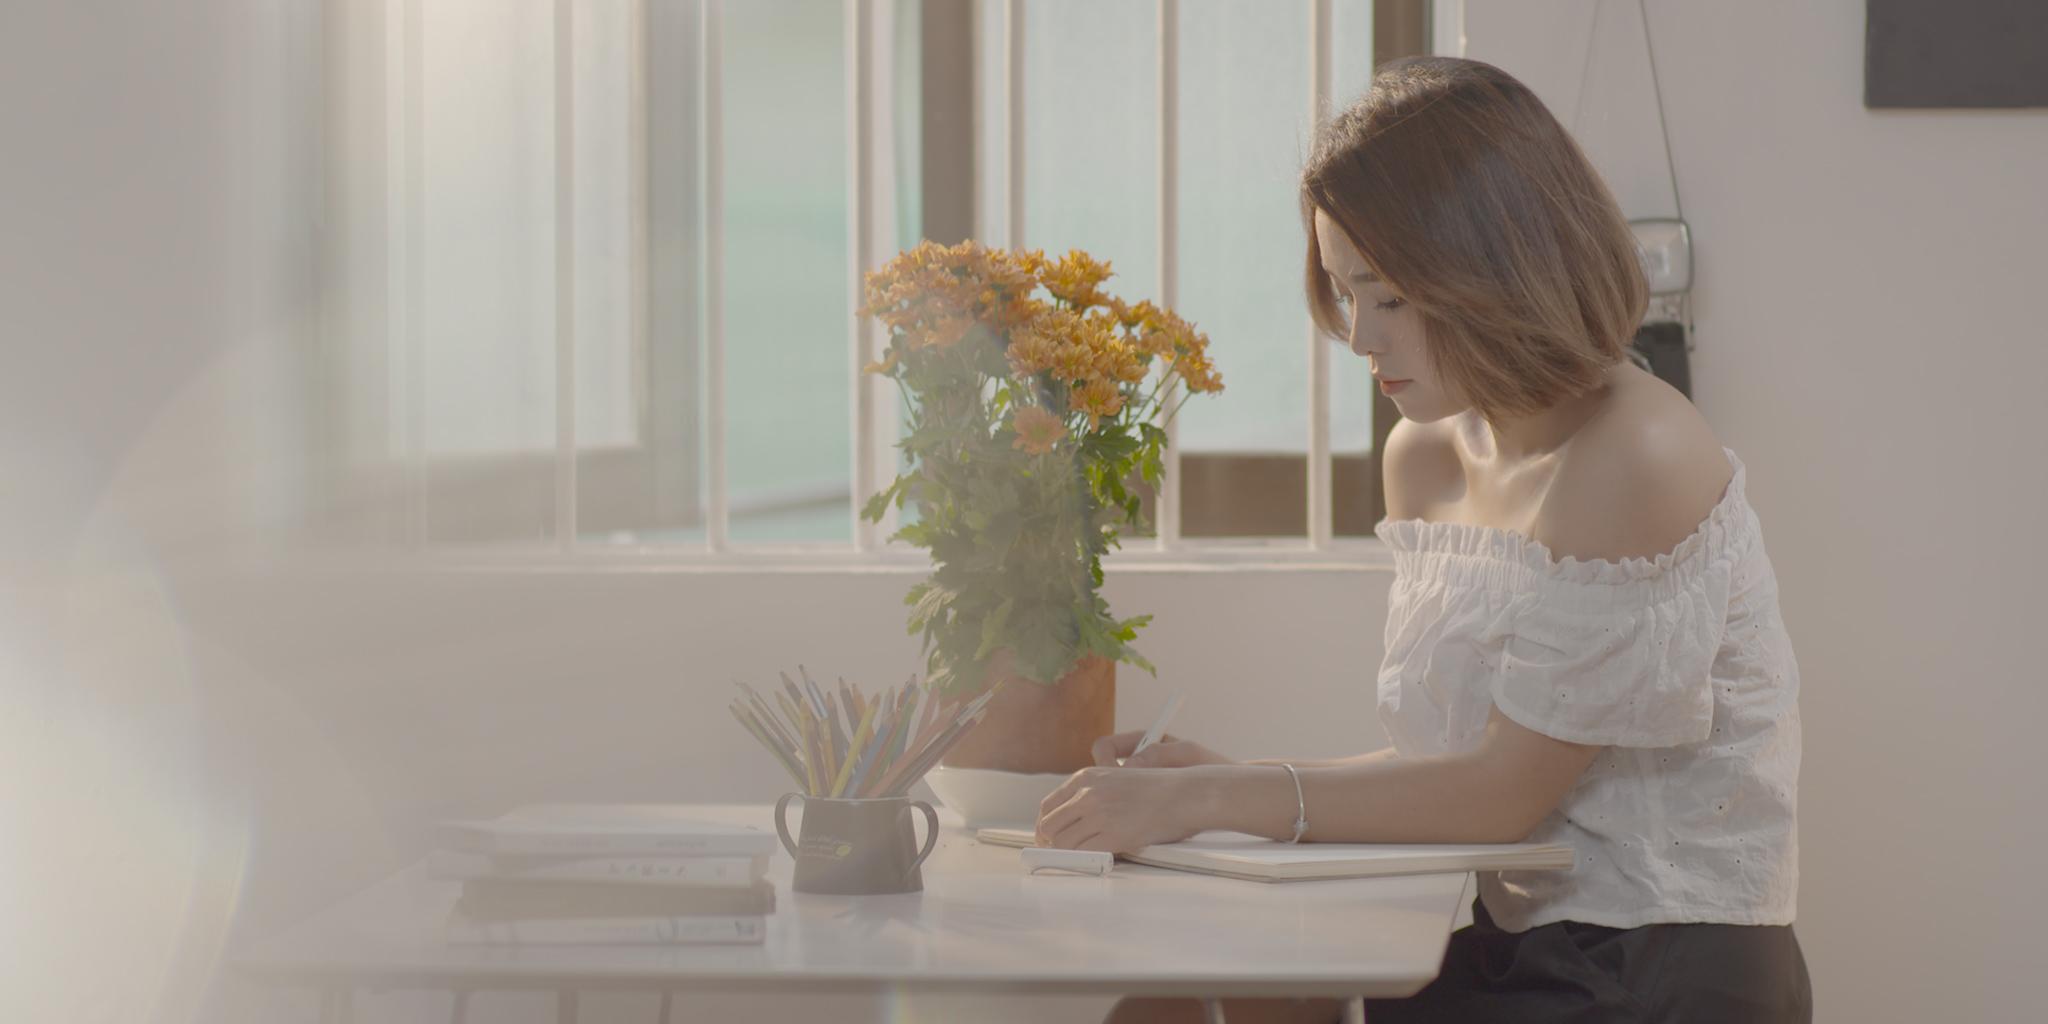 Quang Đăng, Thái Trinh hôn nhau ngọt ngào trong MV đậm chất ngôn tình - Ảnh 5.